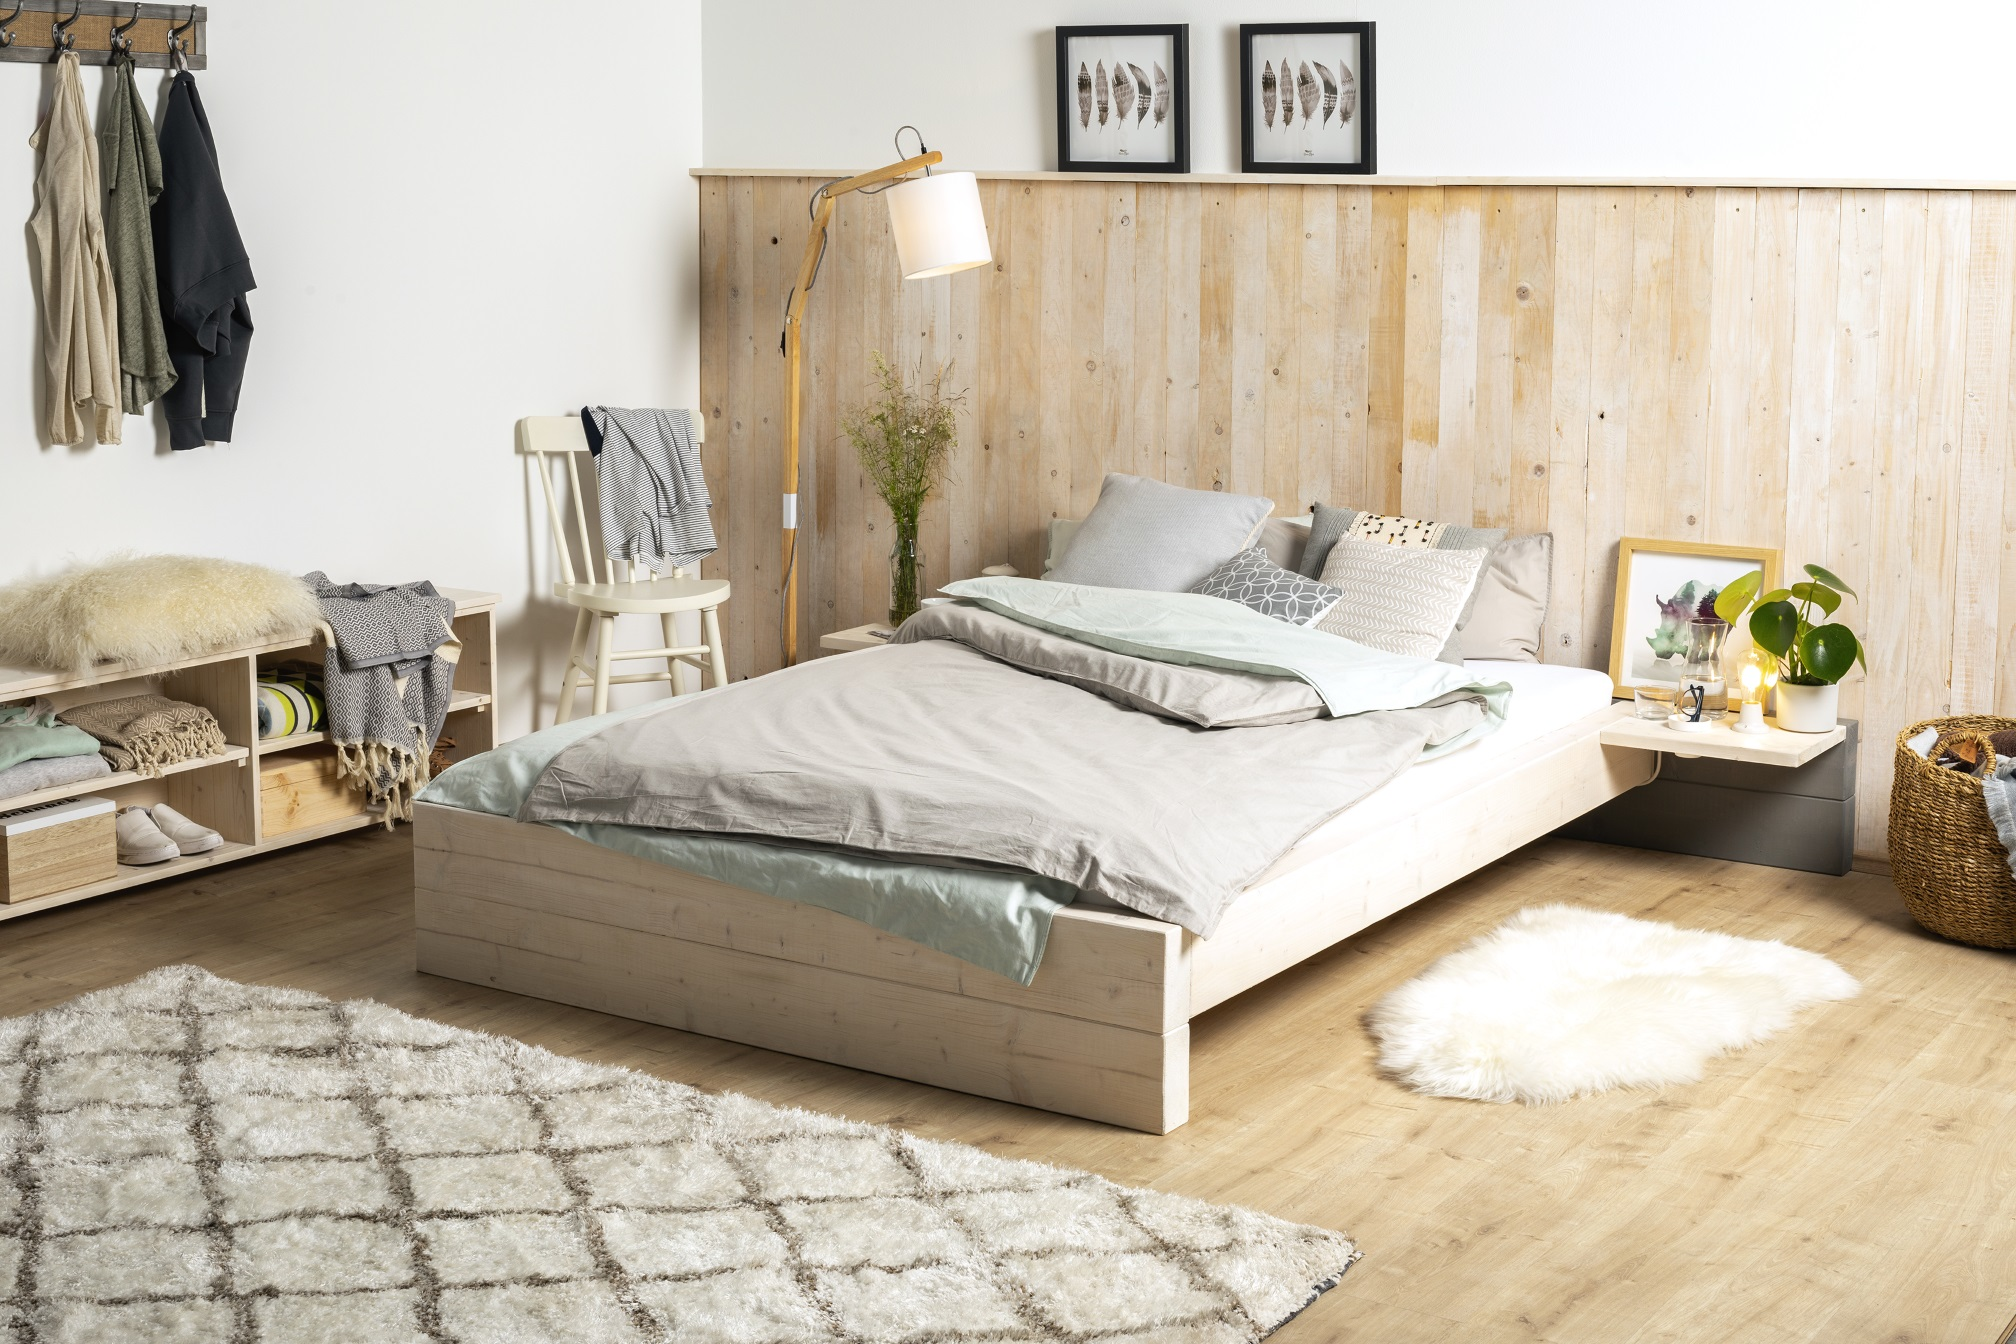 Full Size of Bett Ausziehbar Gleiche Ebene Ikea Paletten Mit Himmel Weiß 180x200 Schlicht Breckle Betten Esstisch Massivholz Sofa Bettkasten 160 Hohes Flexa Matratze Wohnzimmer Bett Ausziehbar Gleiche Ebene